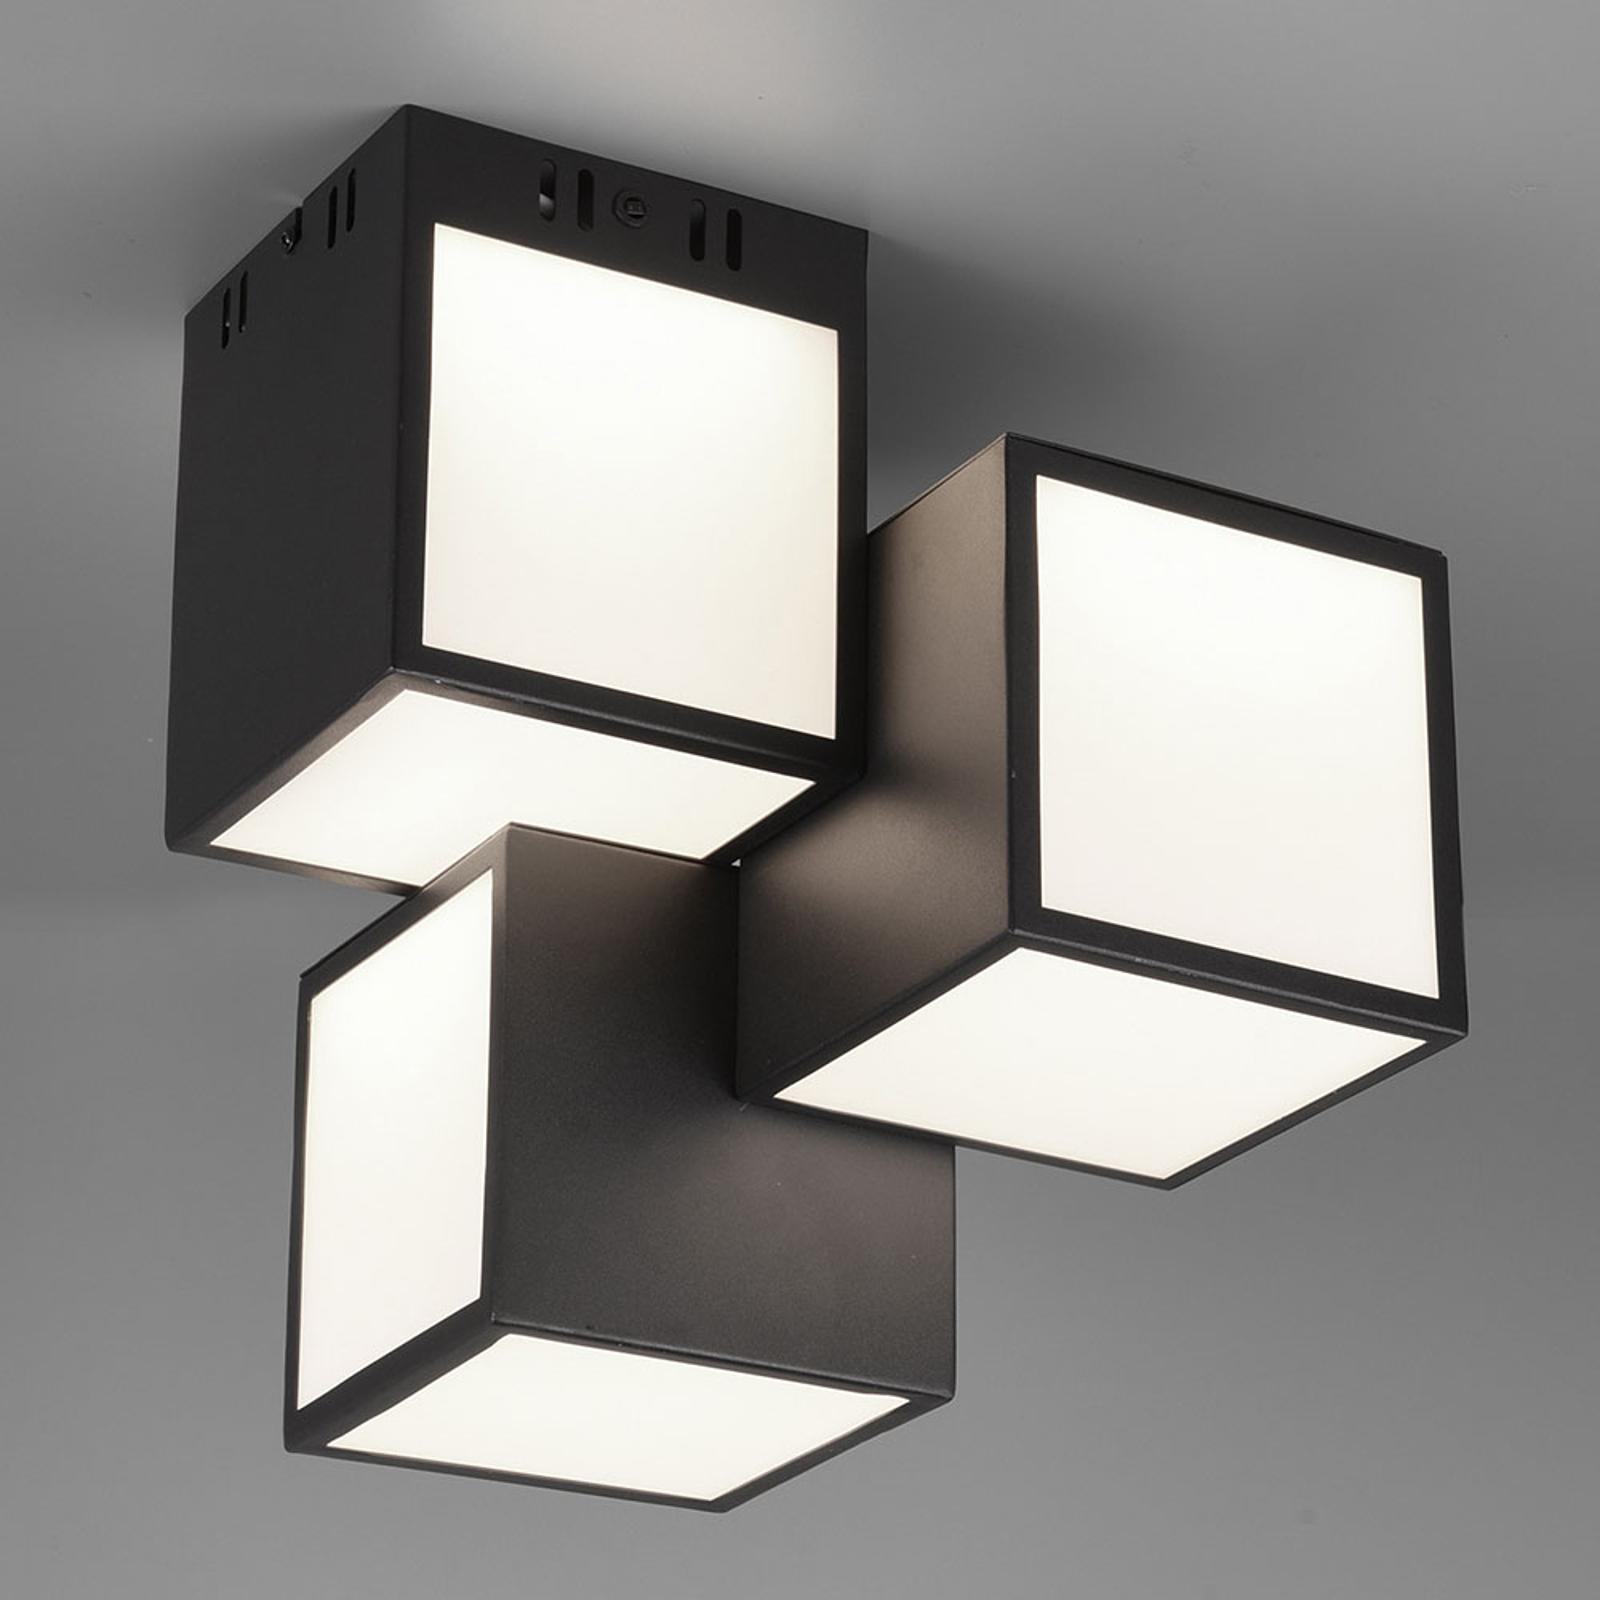 Trio WiZ Oscar LED-taklampe 30x30cm, svart